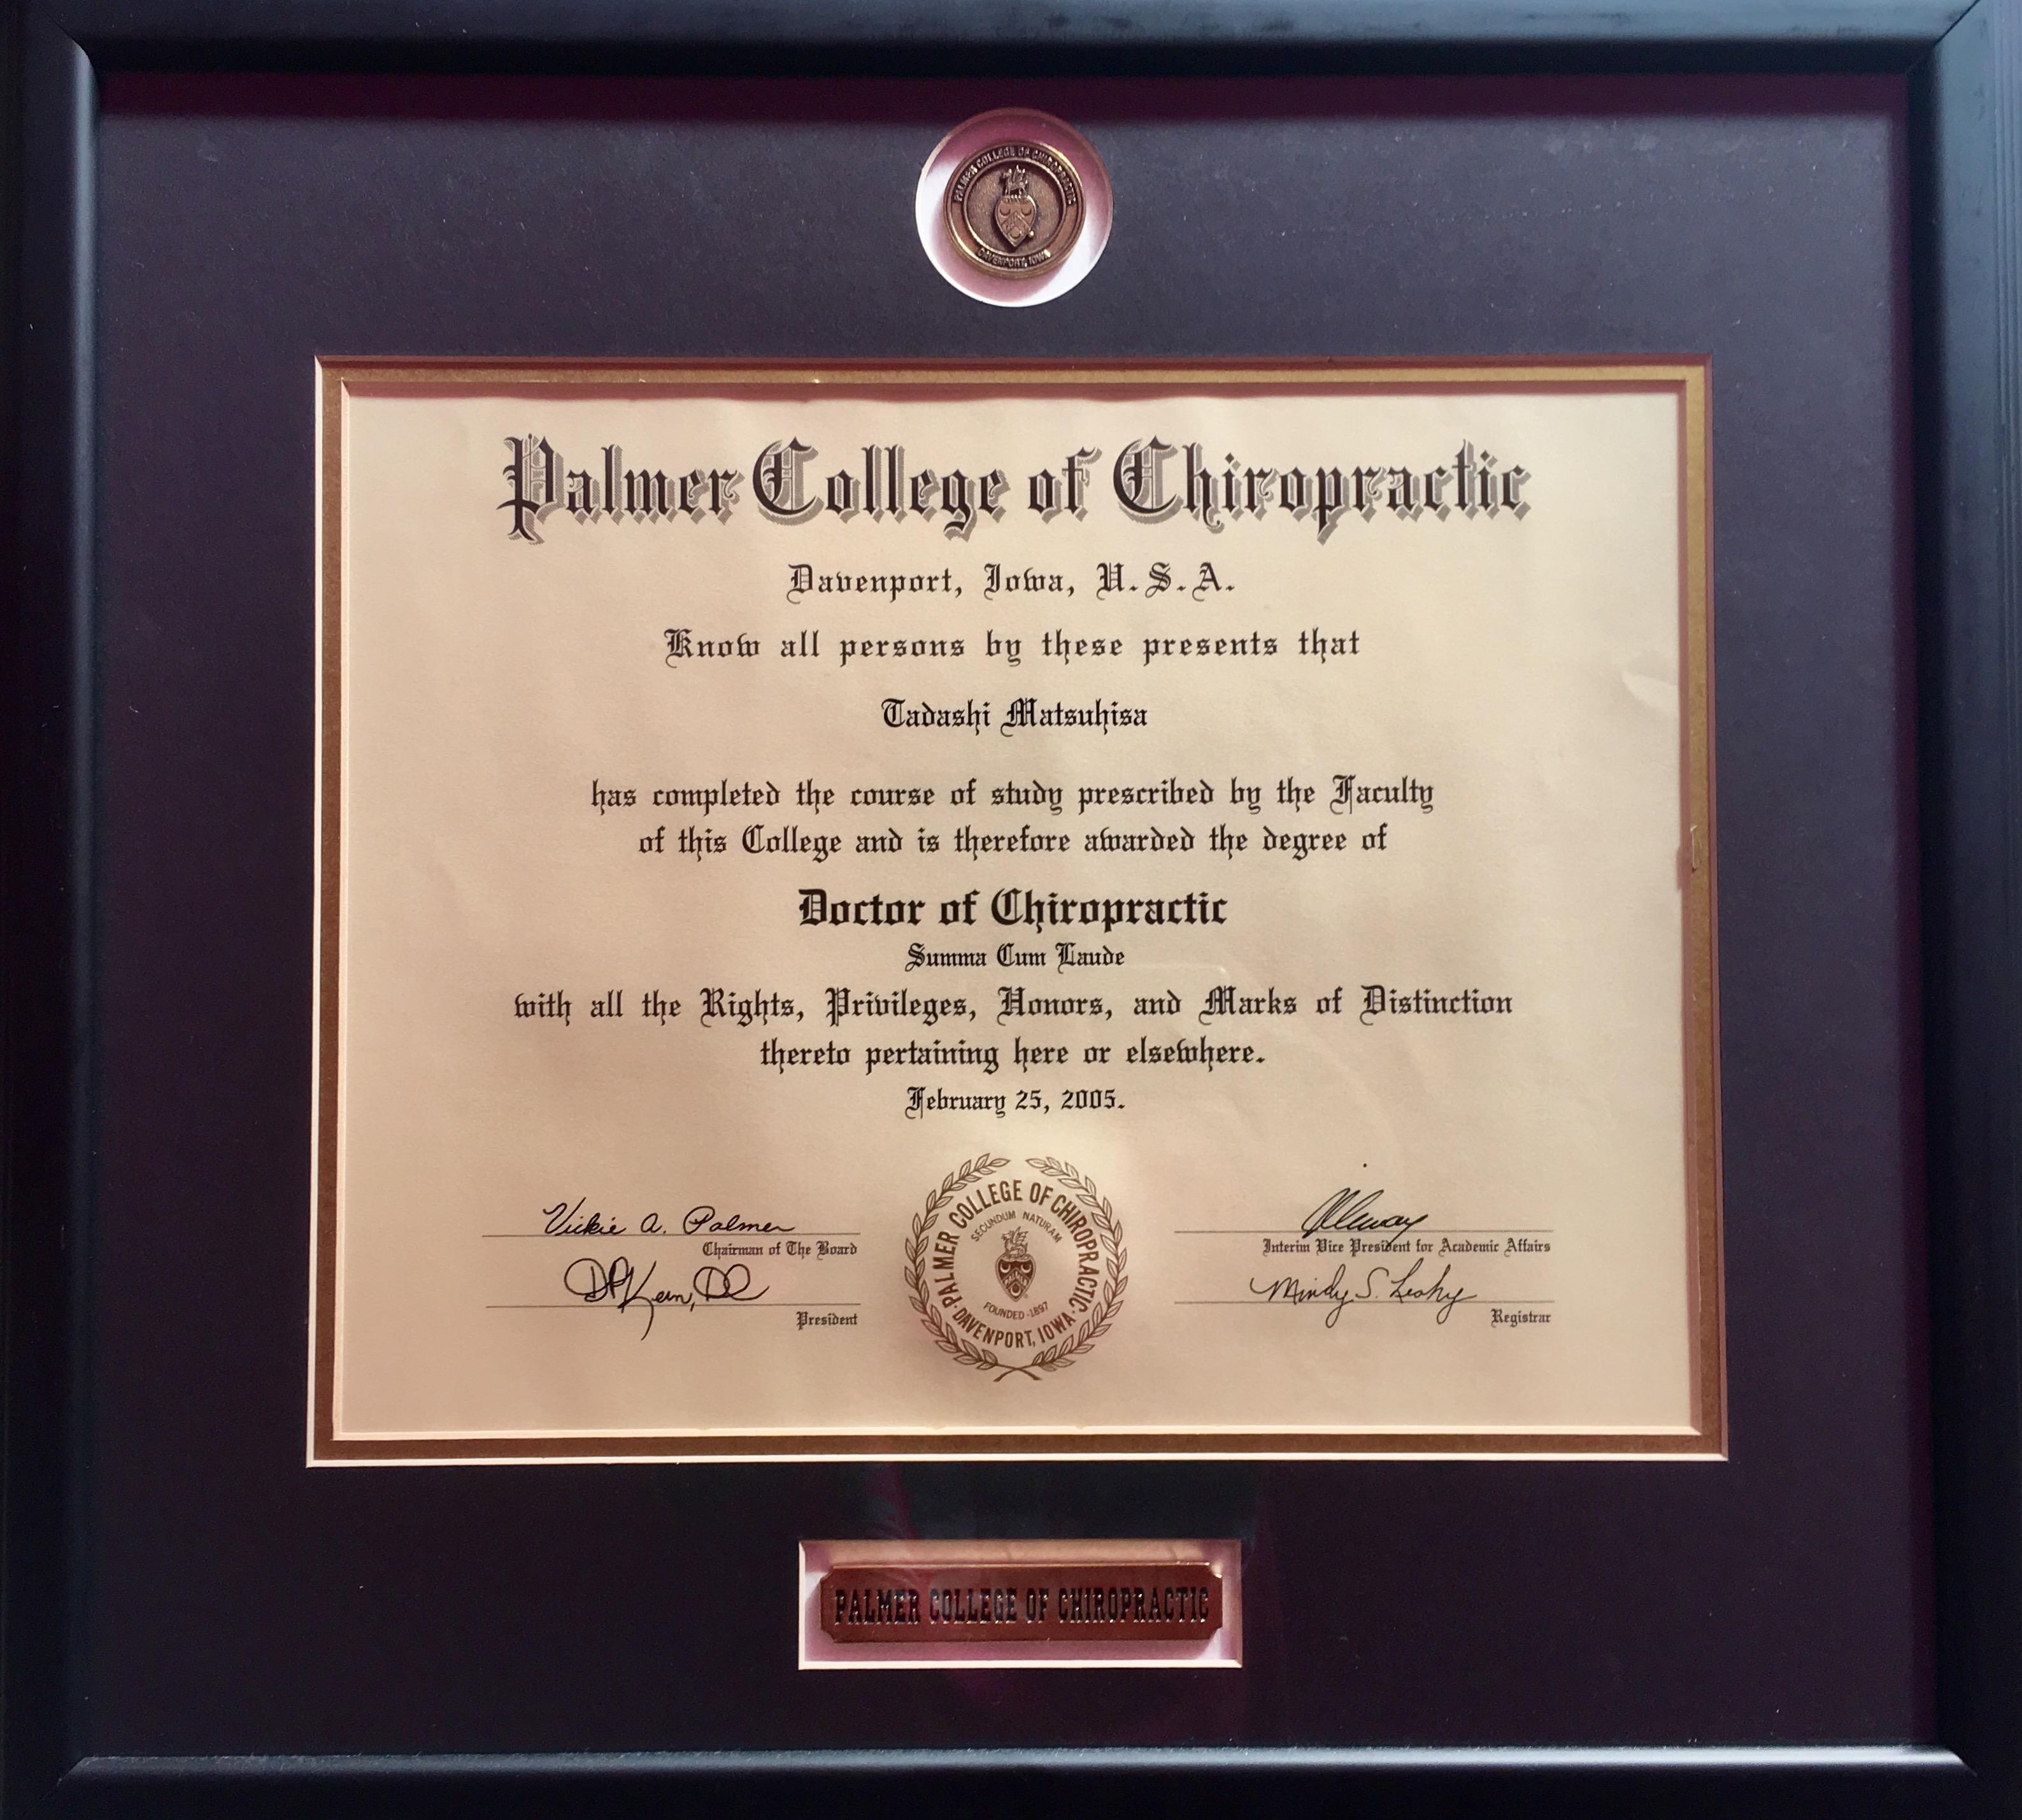 パーマーカイロプラクティック大学卒業証書